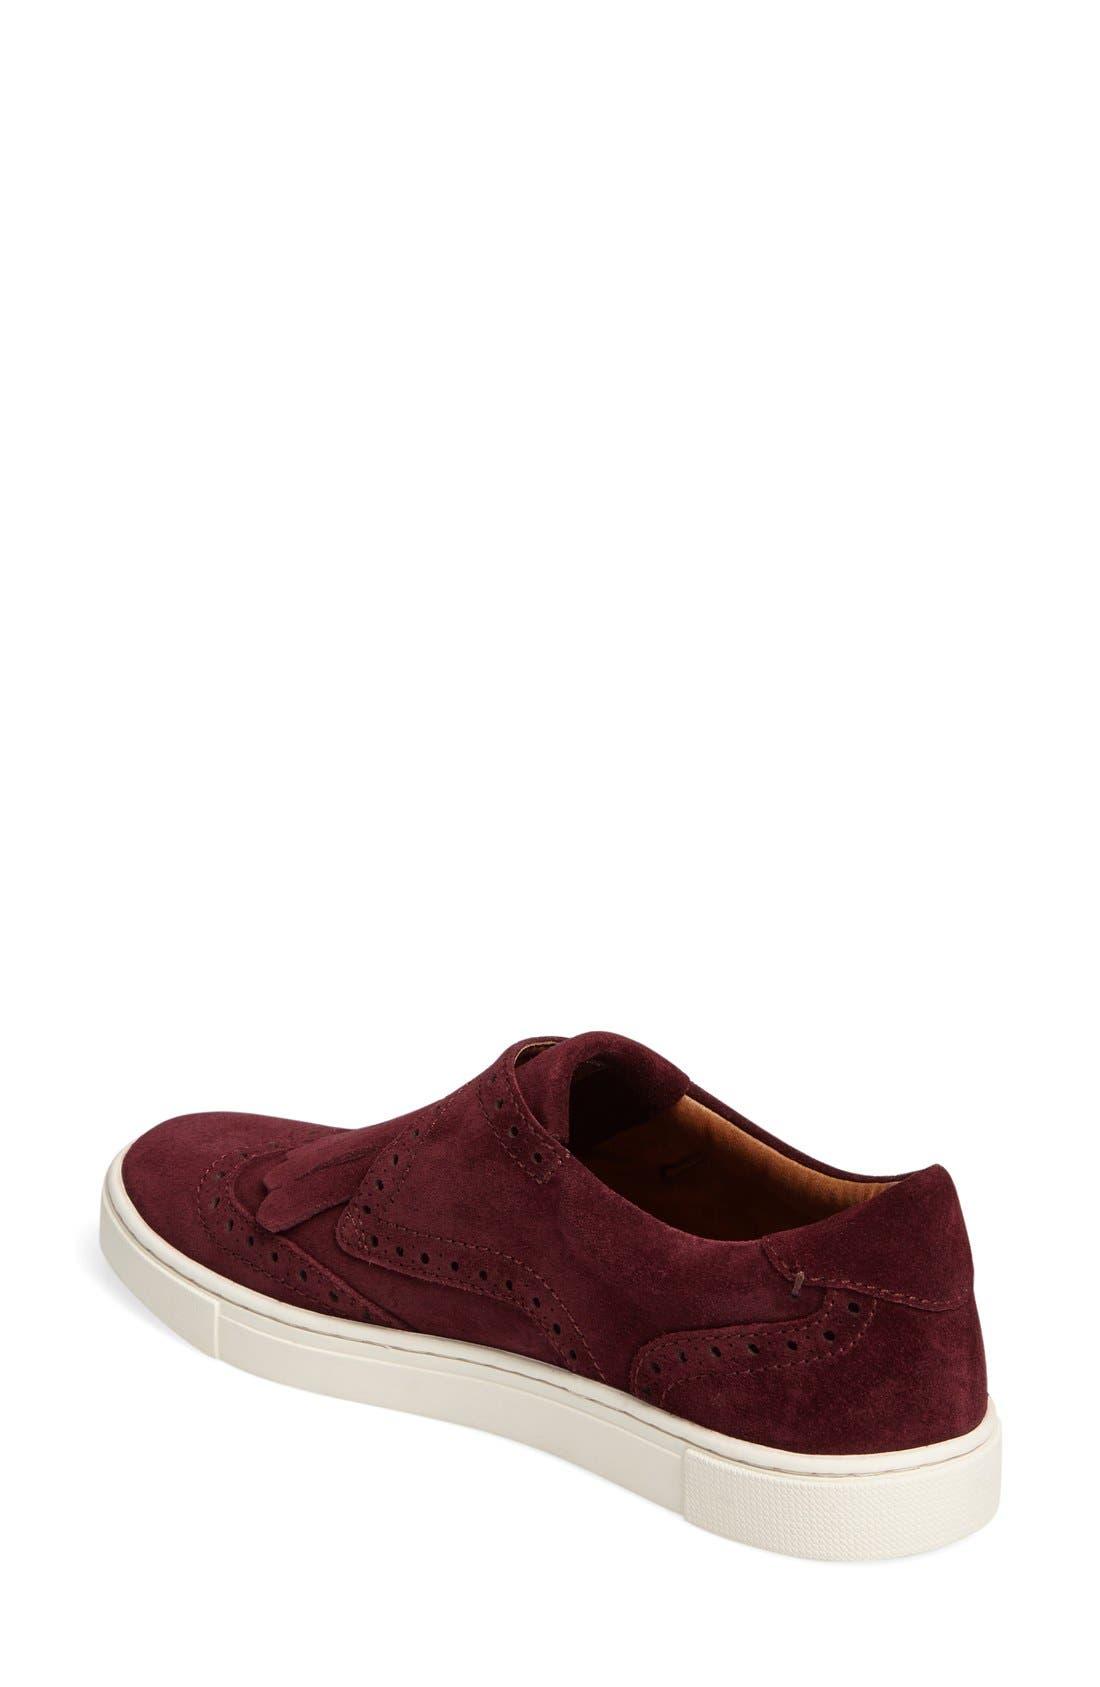 Alternate Image 2  - Frye 'Gemma' Kiltie Slip On-Sneaker (Women)